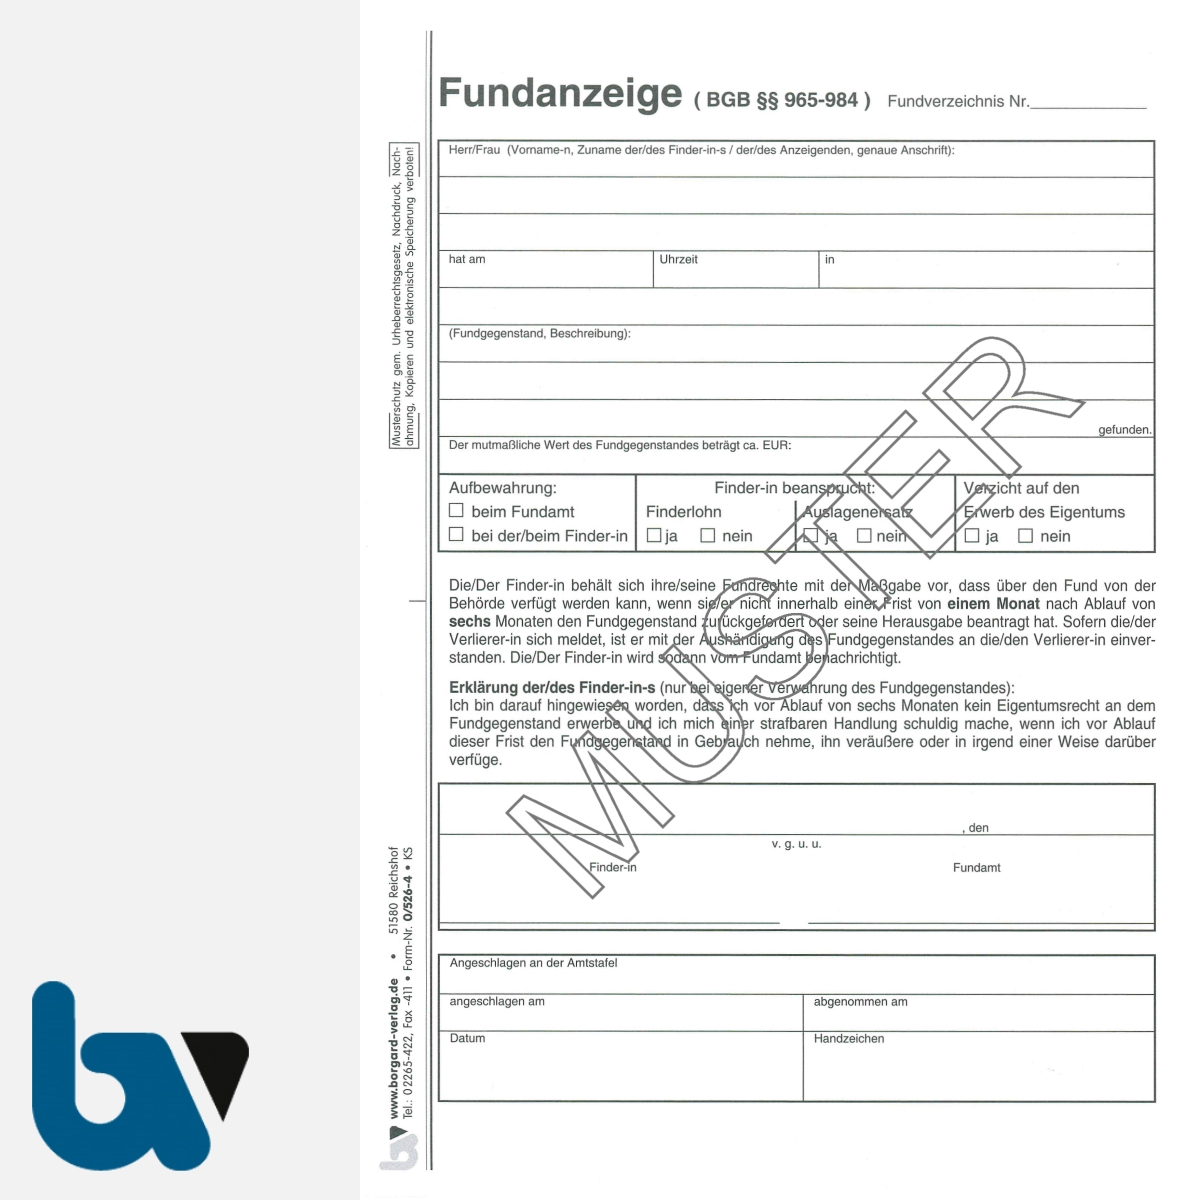 0/526-4 Fundanzeige Fundsache Erklärung Finder Fundanmeldebescheinigung mit Fundanhänger 4-fach selbstdurchschreibend DIN A5 Seite 1 | Borgard Verlag GmbH